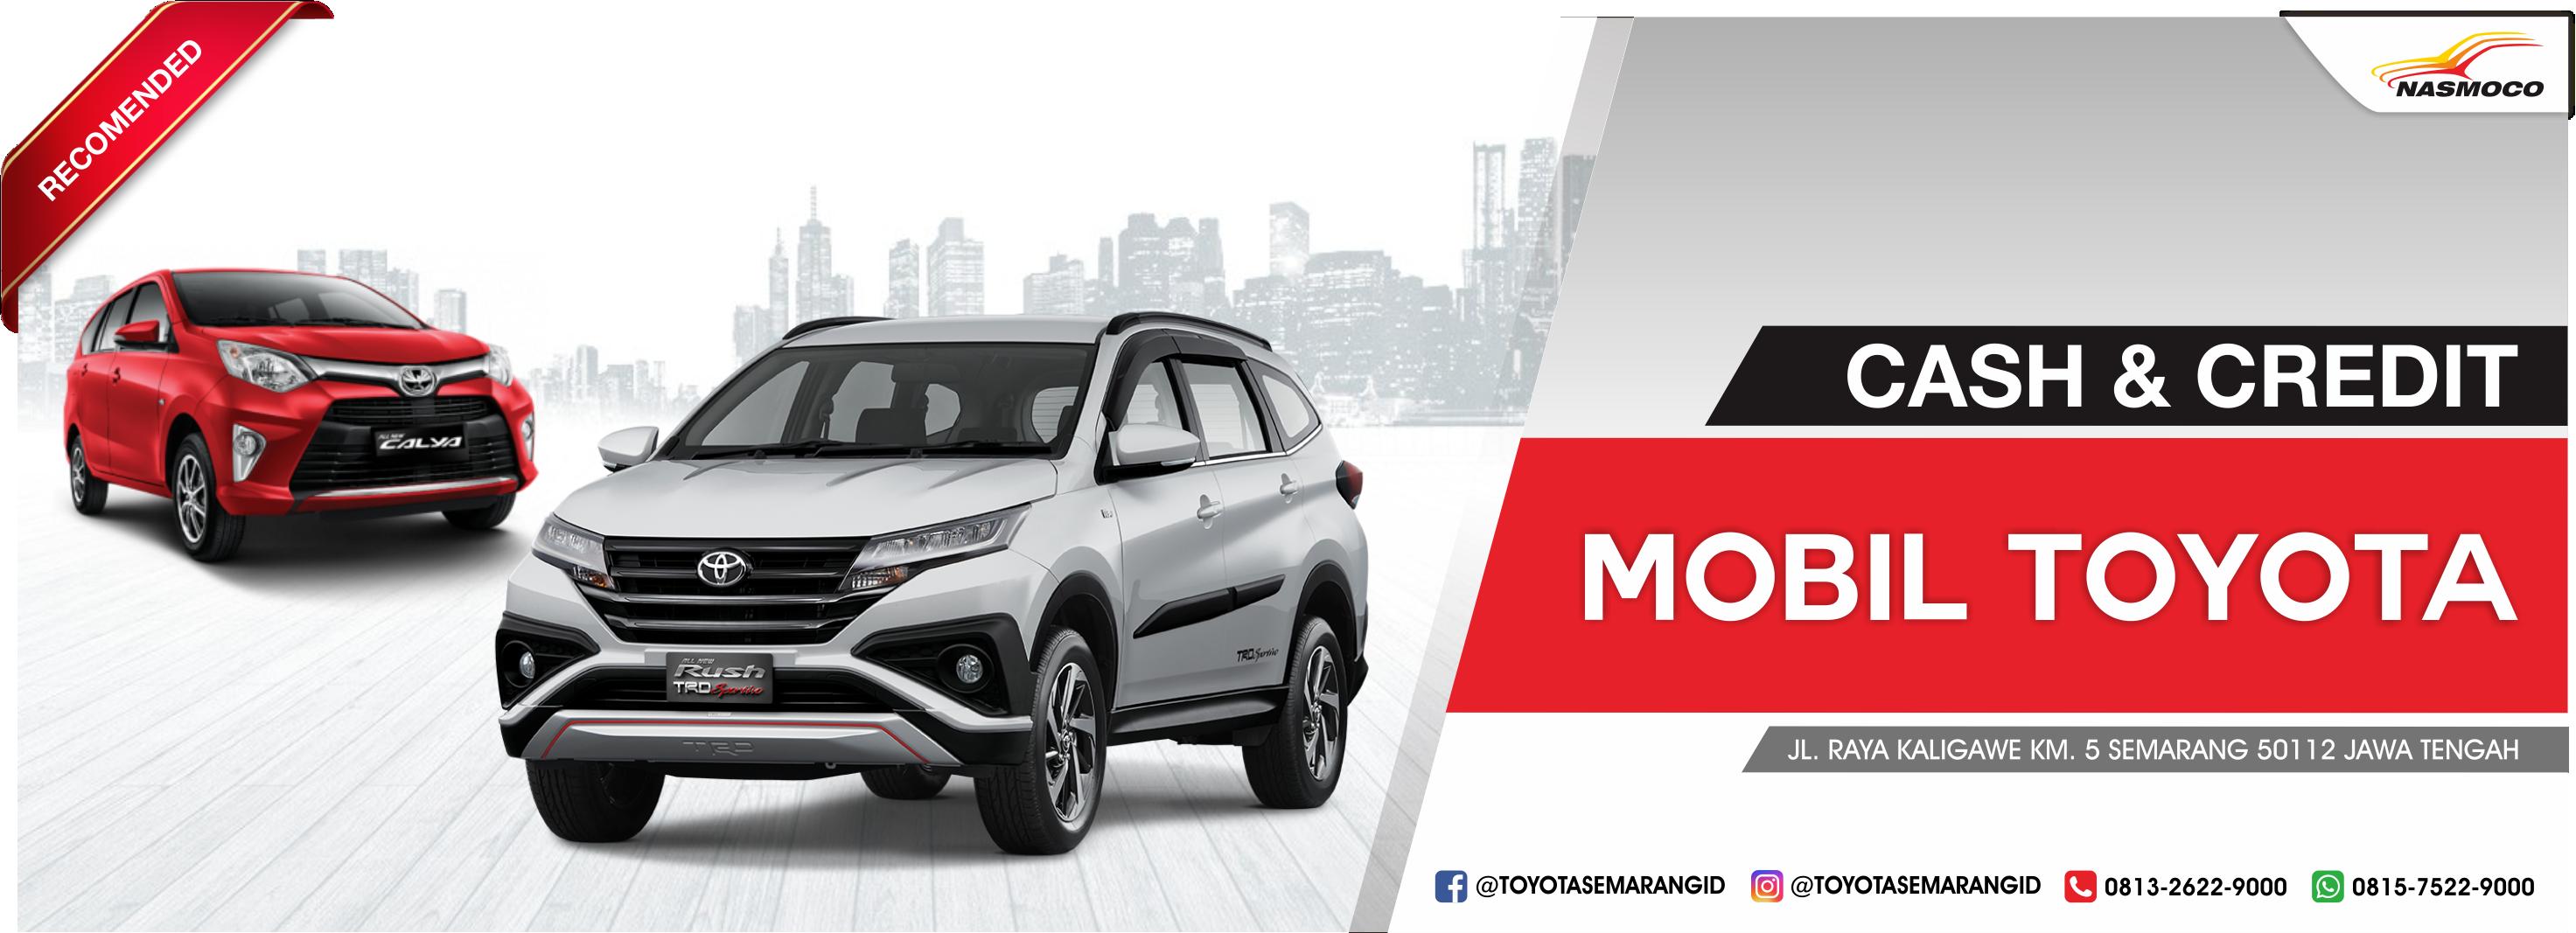 Kelebihan Kekurangan Daftar Harga Mobil Toyota 2018 Murah Berkualitas